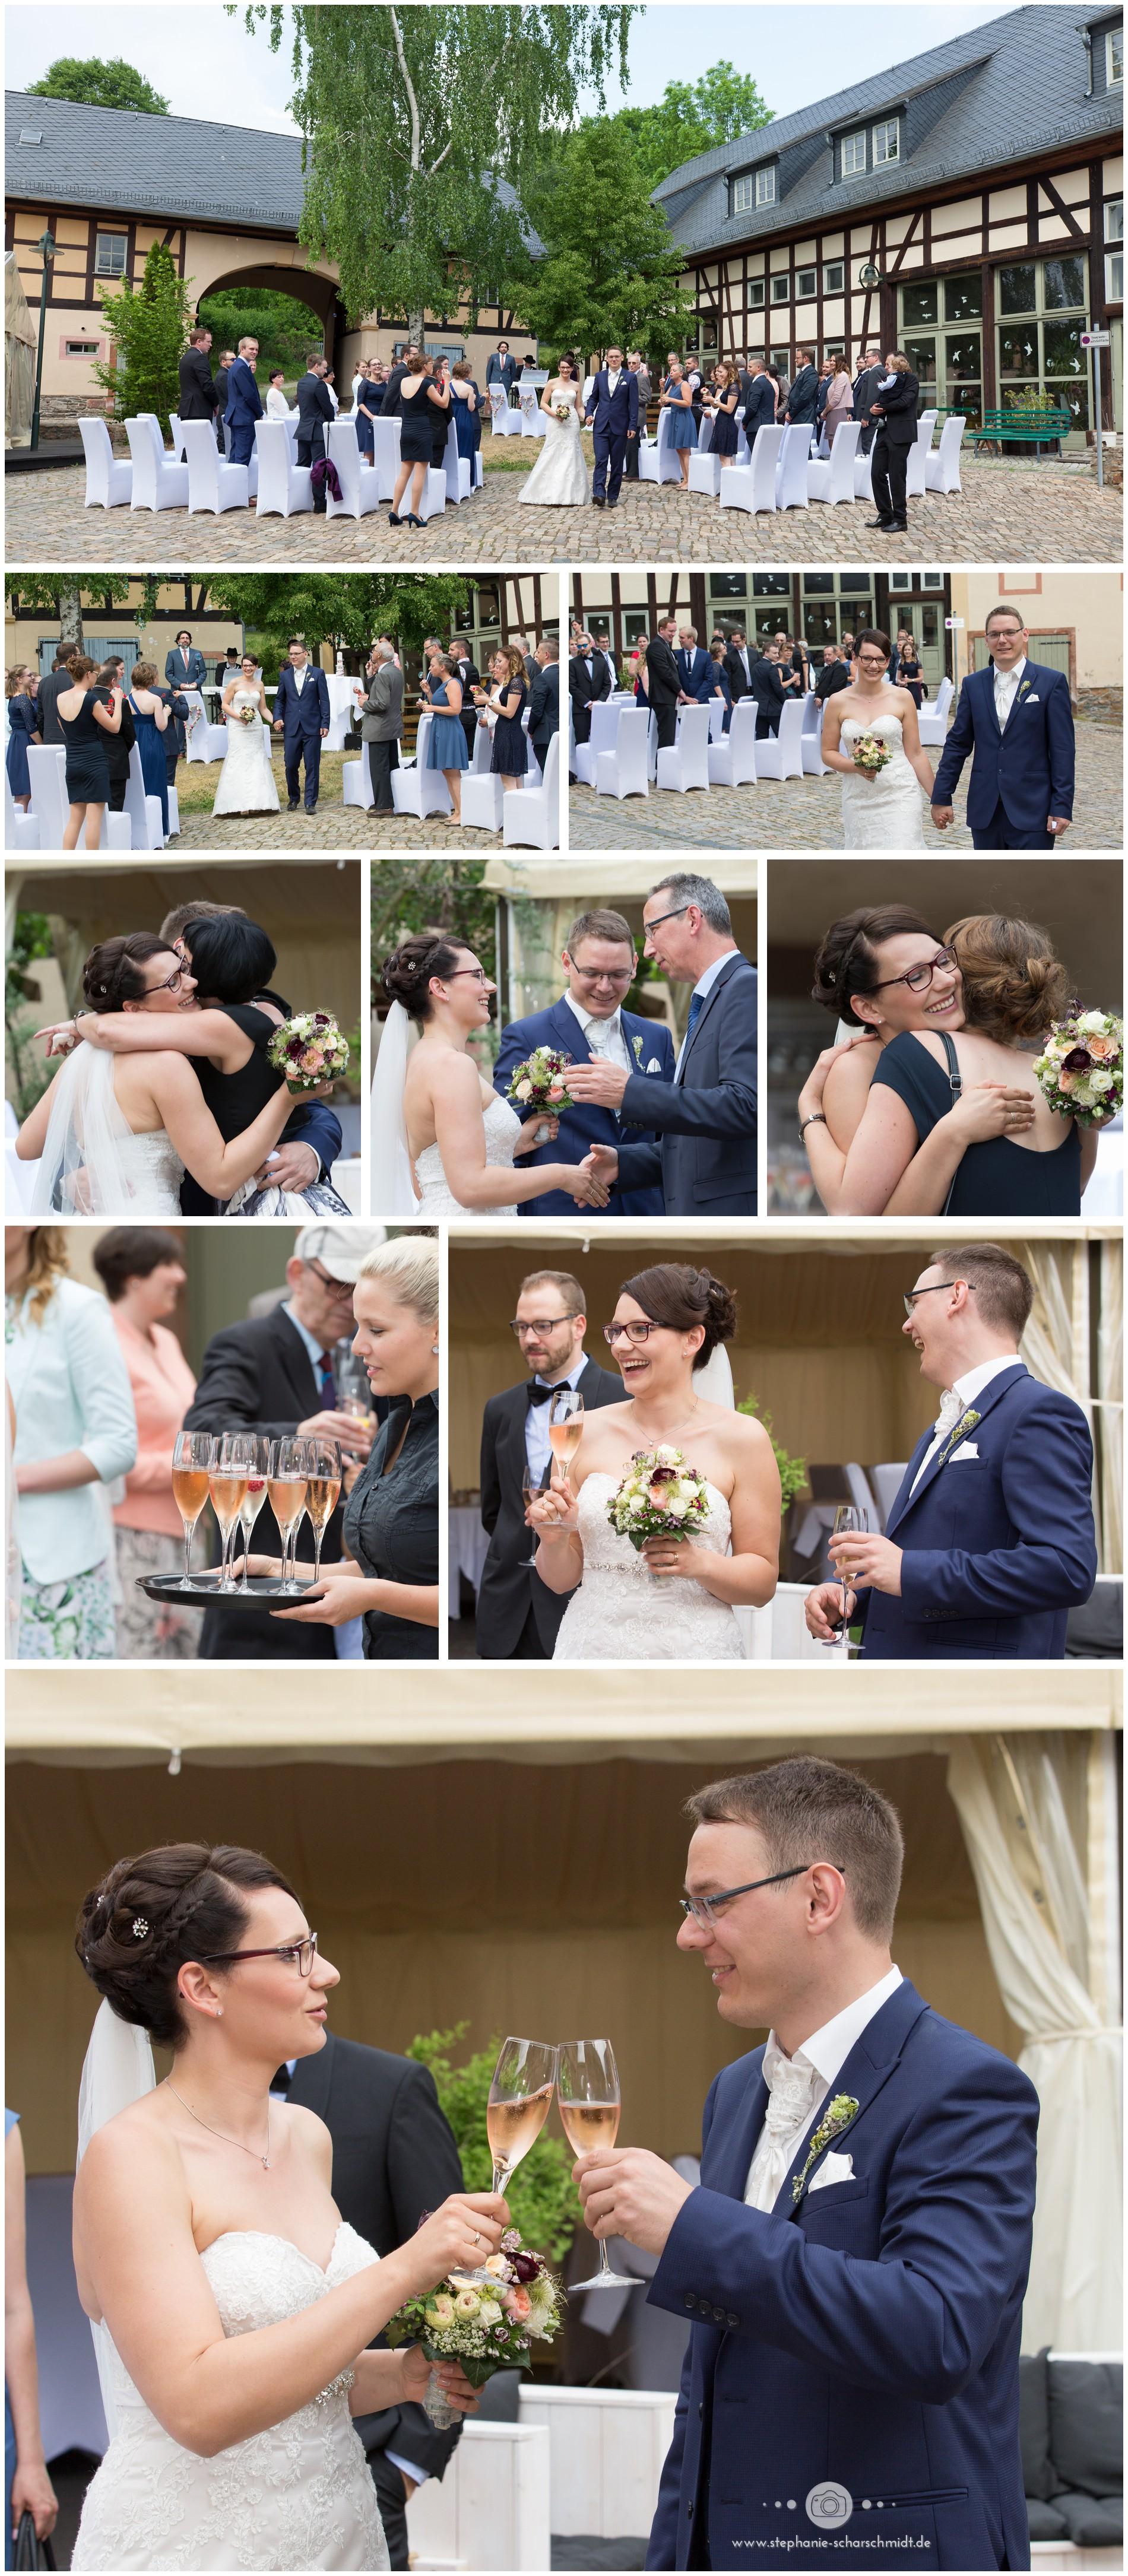 Hochzeit Schlagwitz – Hochzeitsfotograf Stephanie Scharschmidt